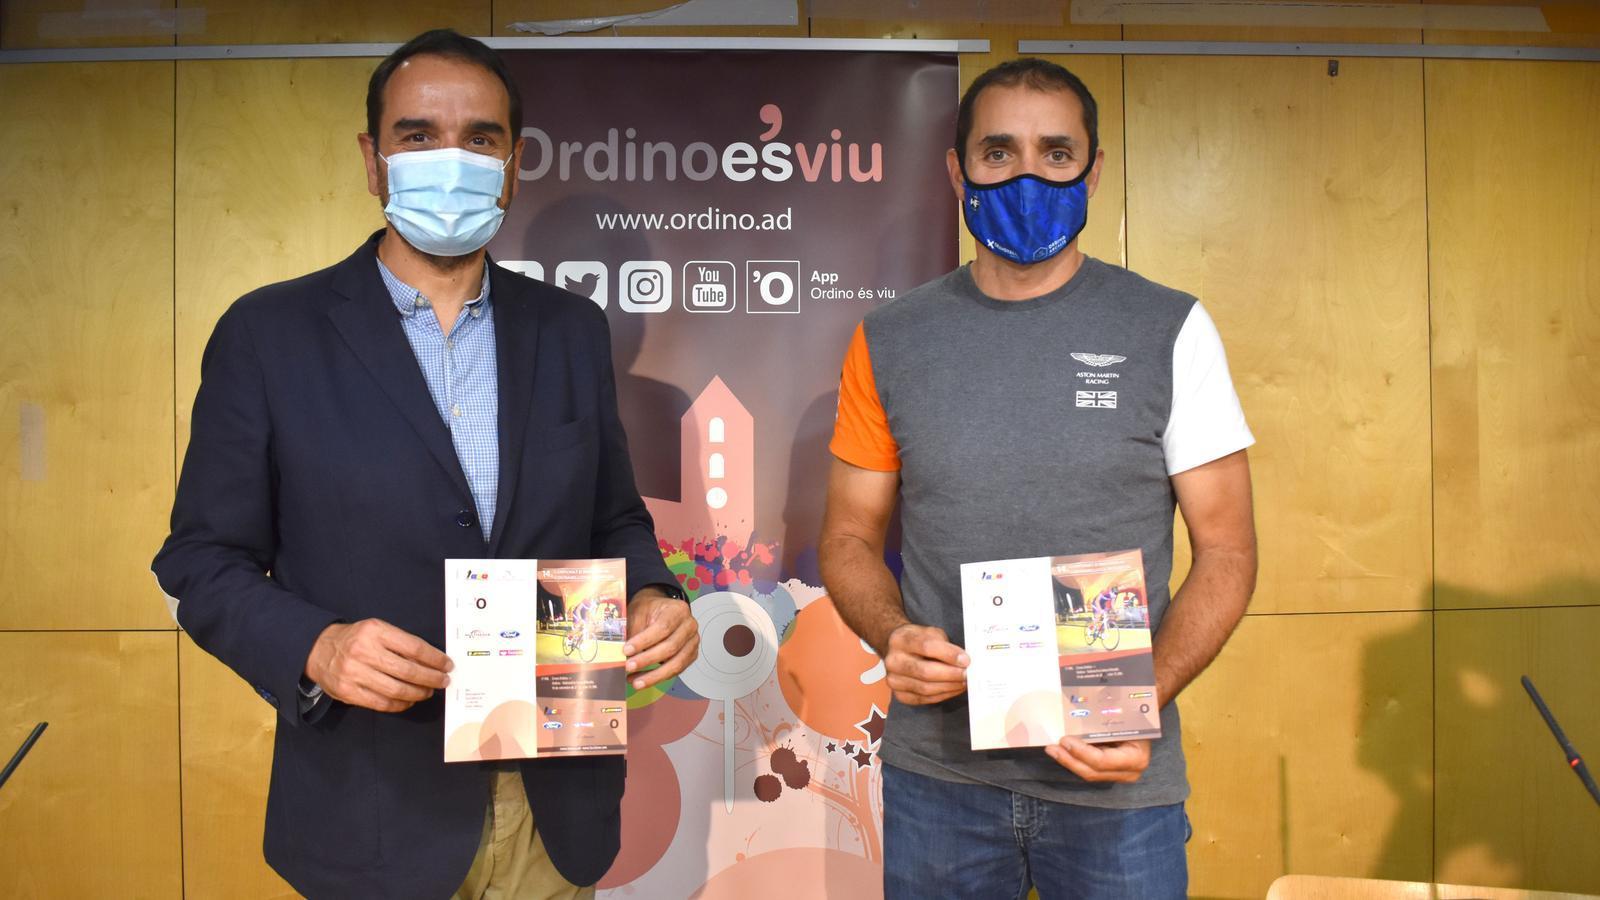 Serracanta i Iglesias, aquest dimarts durant la presentació de la prova ciclista ordinenca